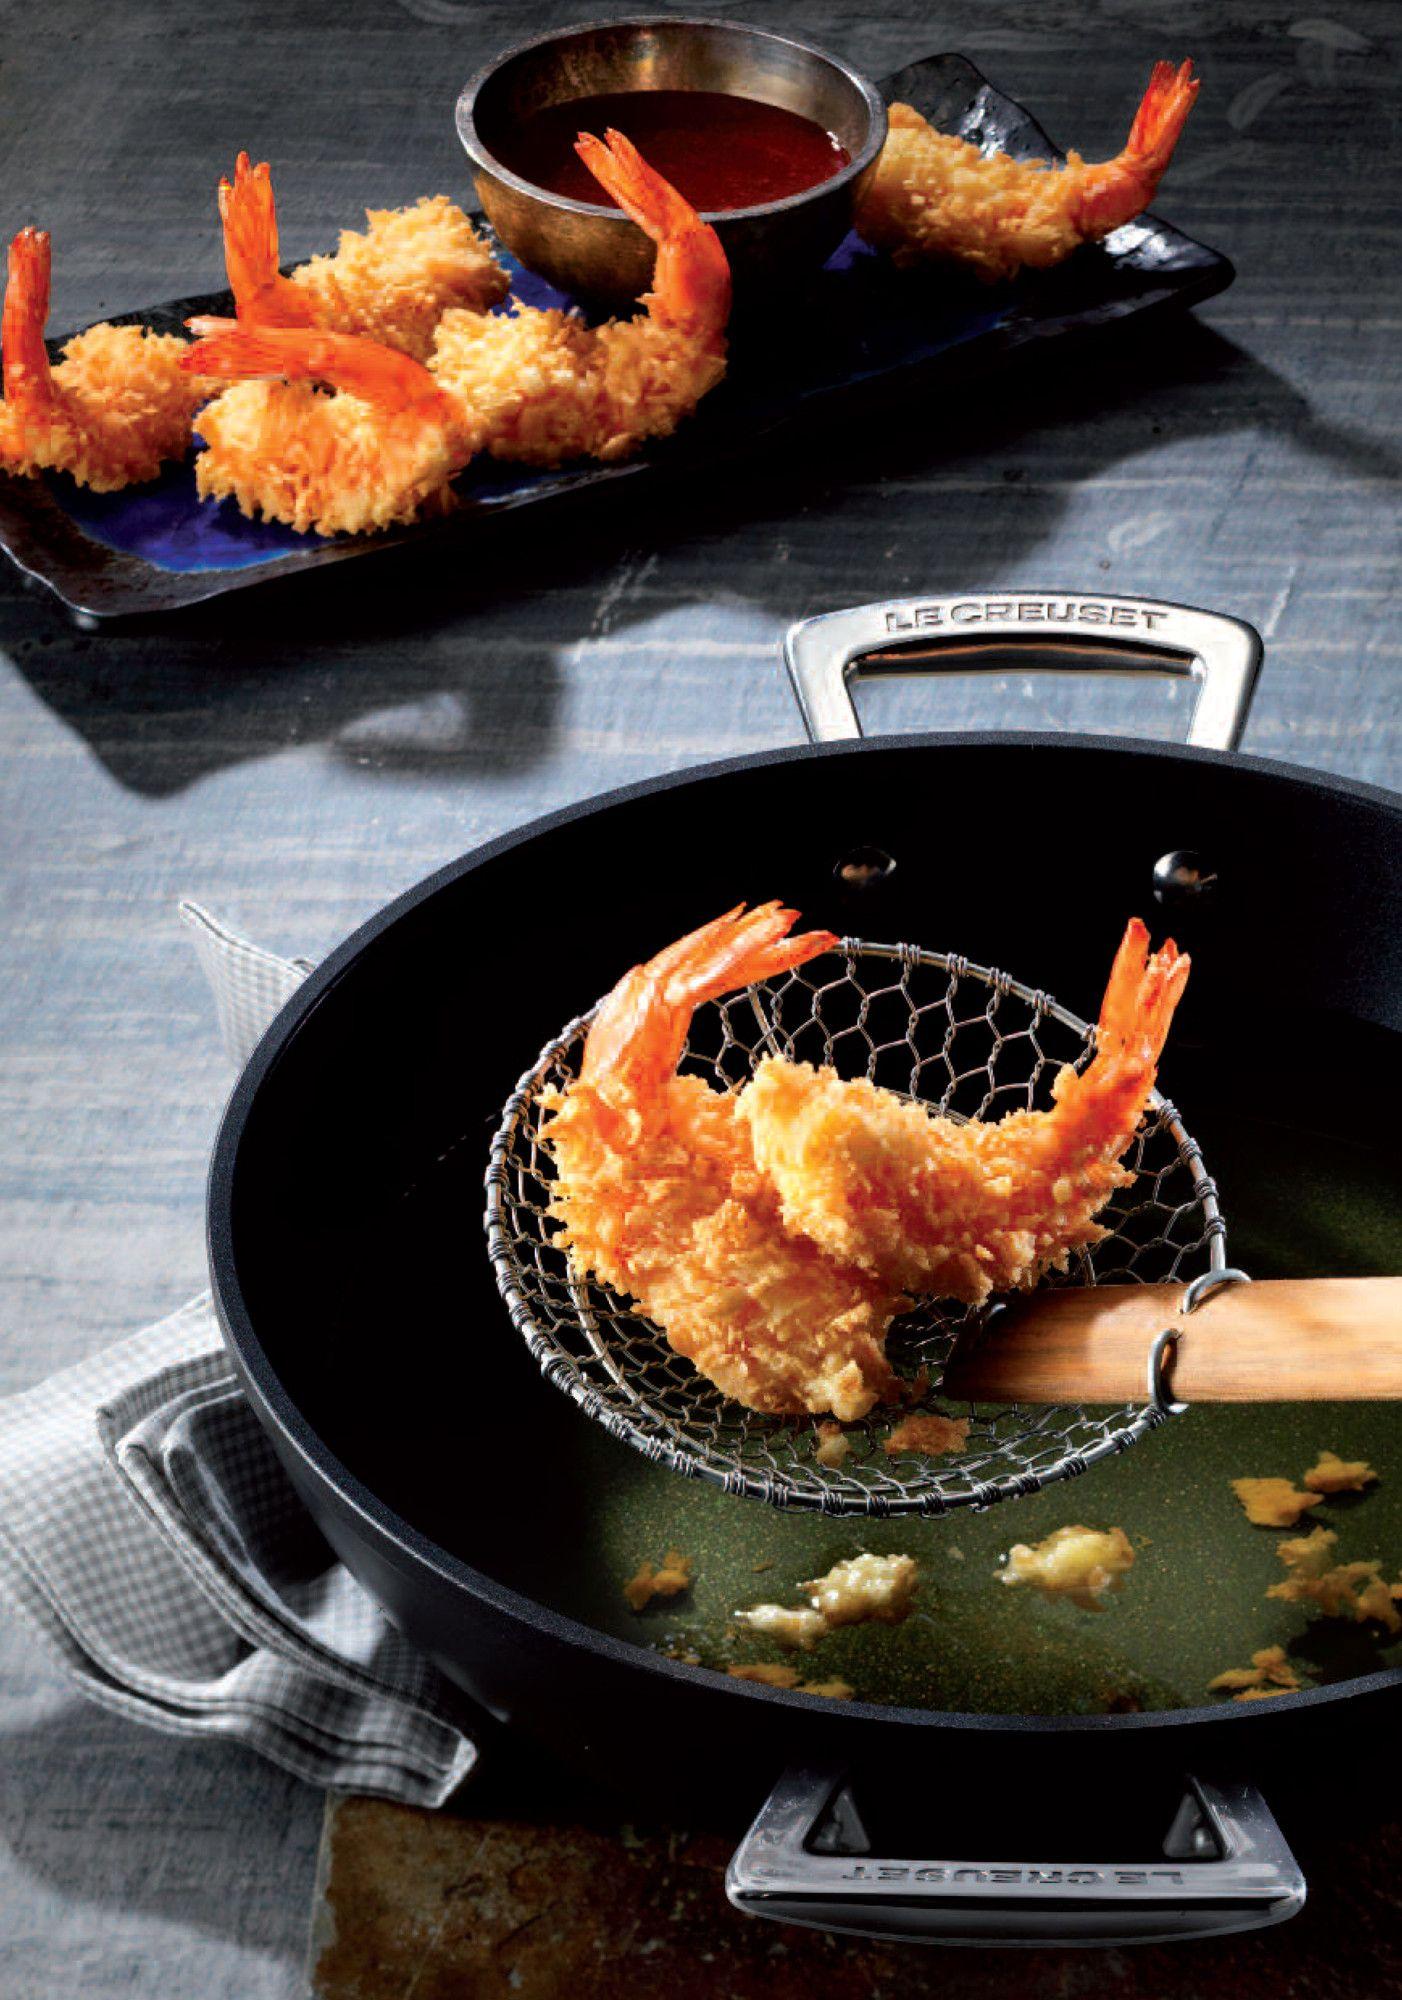 Cena giapponese: tempura di gamberi! Tegame basso in alluminio forgiato @LeCreusetItalia #food #cucina #cucinagiapponese #tempura #gamberi #prawn